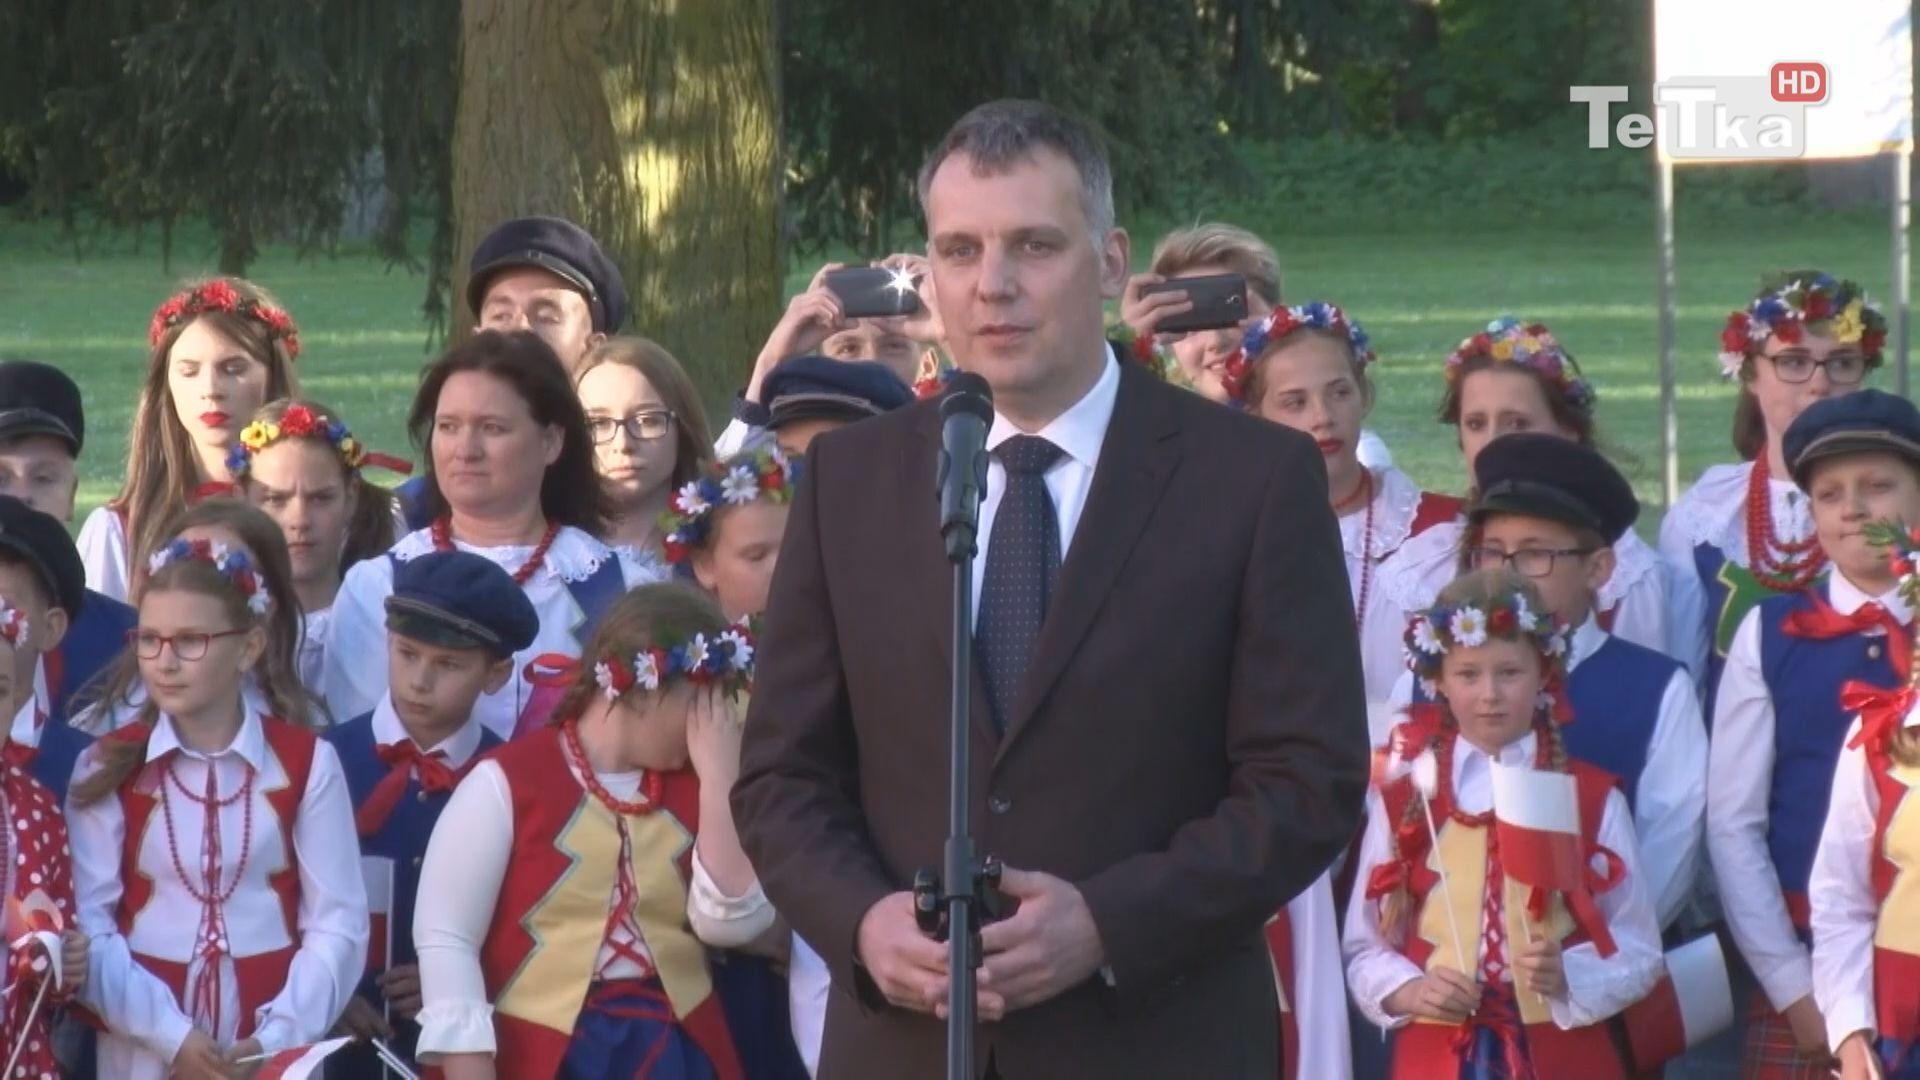 Burmistrz Pelplina zrezygnował